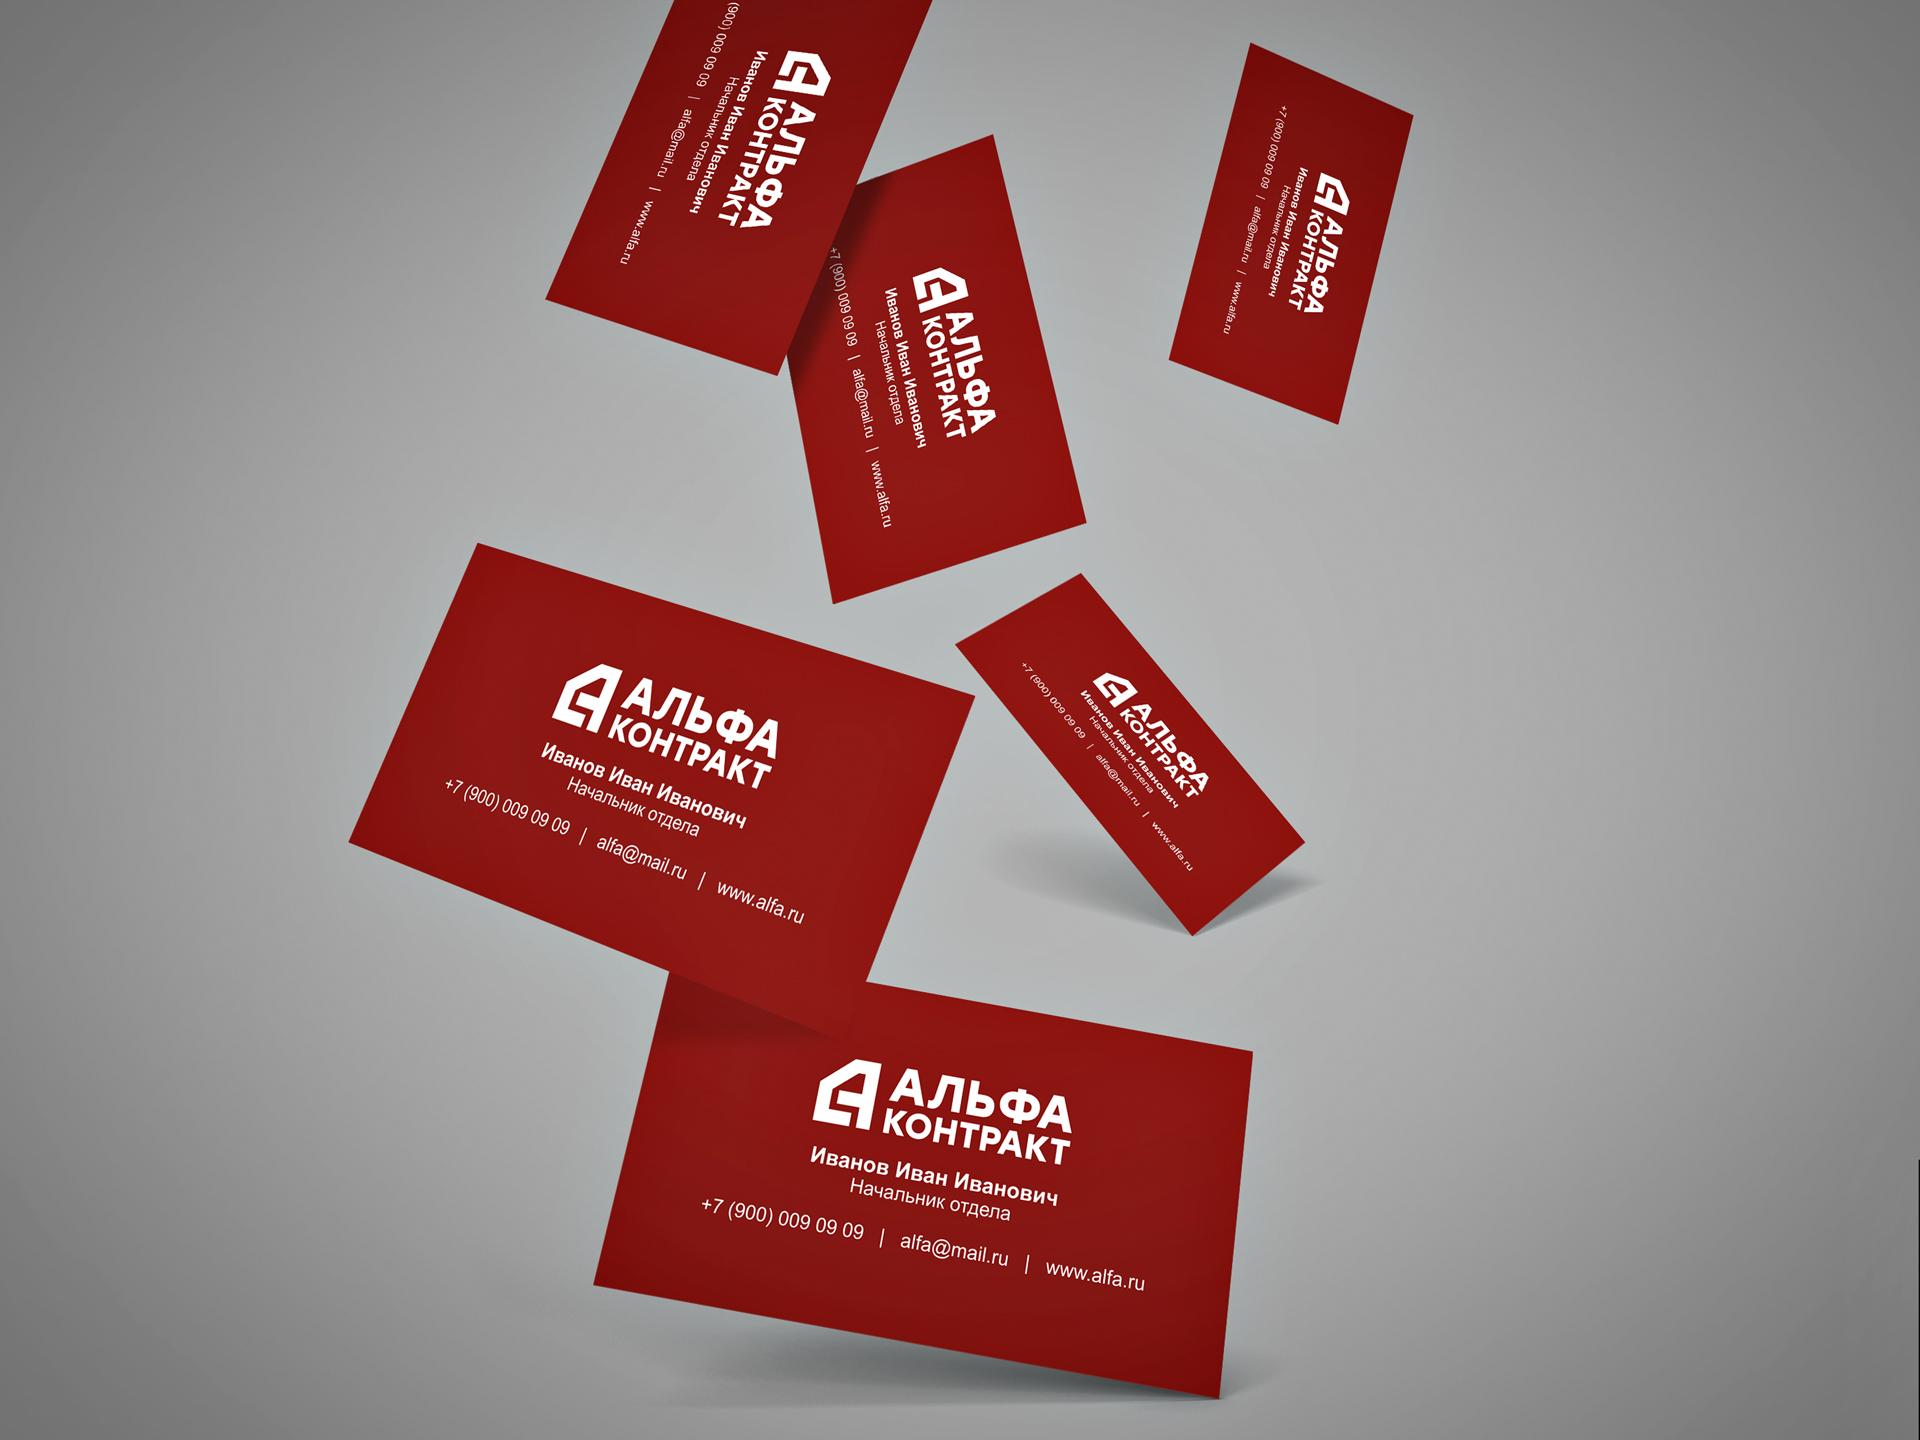 Дизайнер для разработки логотипа компании фото f_2965bf843cfb3408.jpg